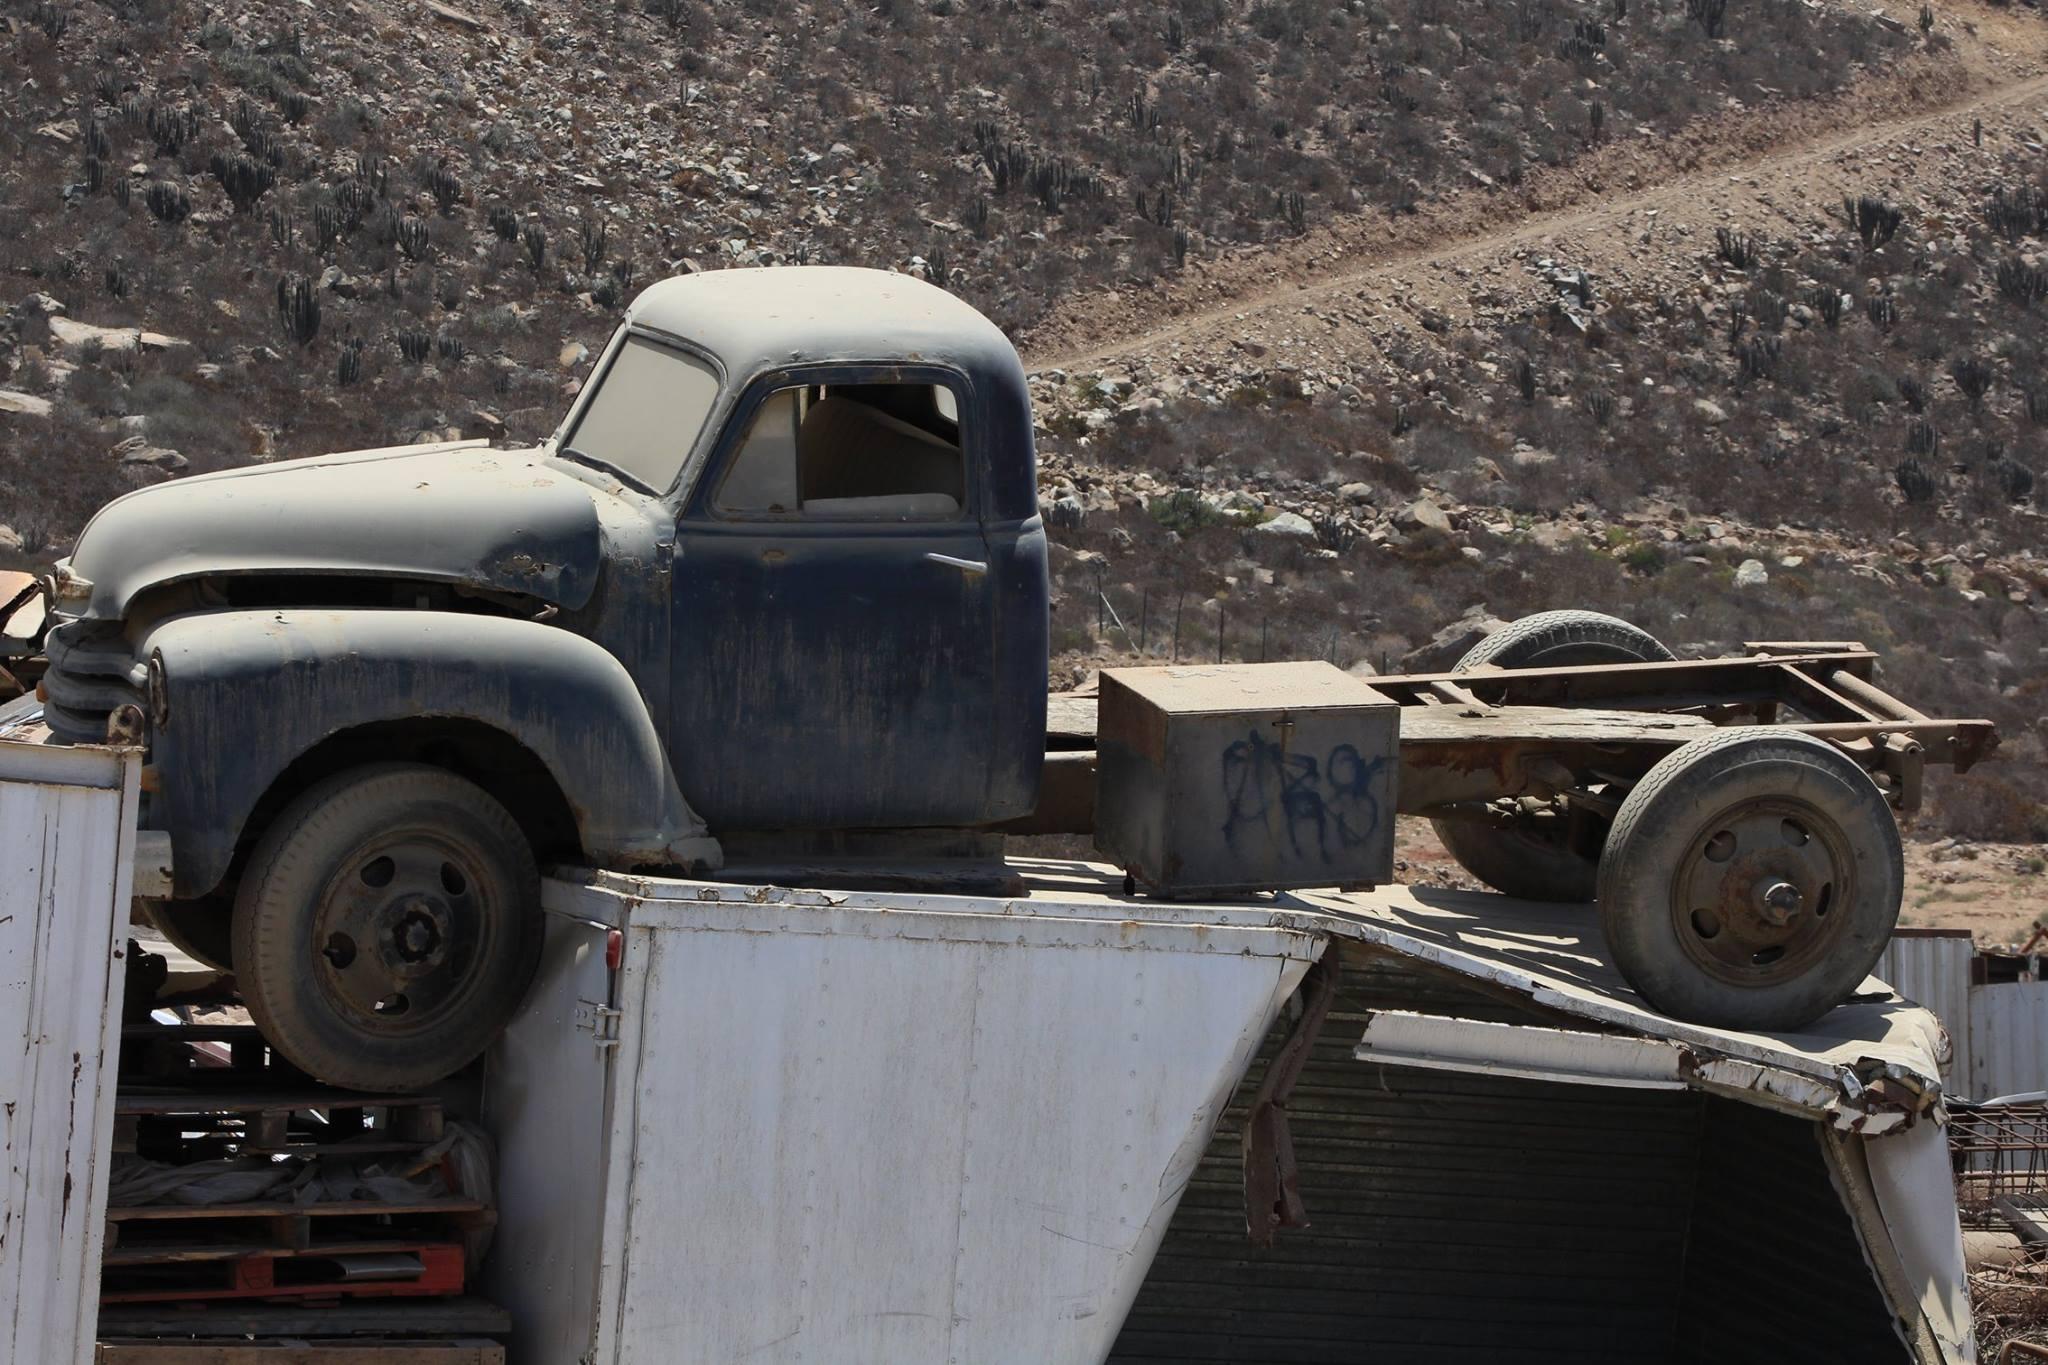 Camiones-vieja-escuela-olvidados-8